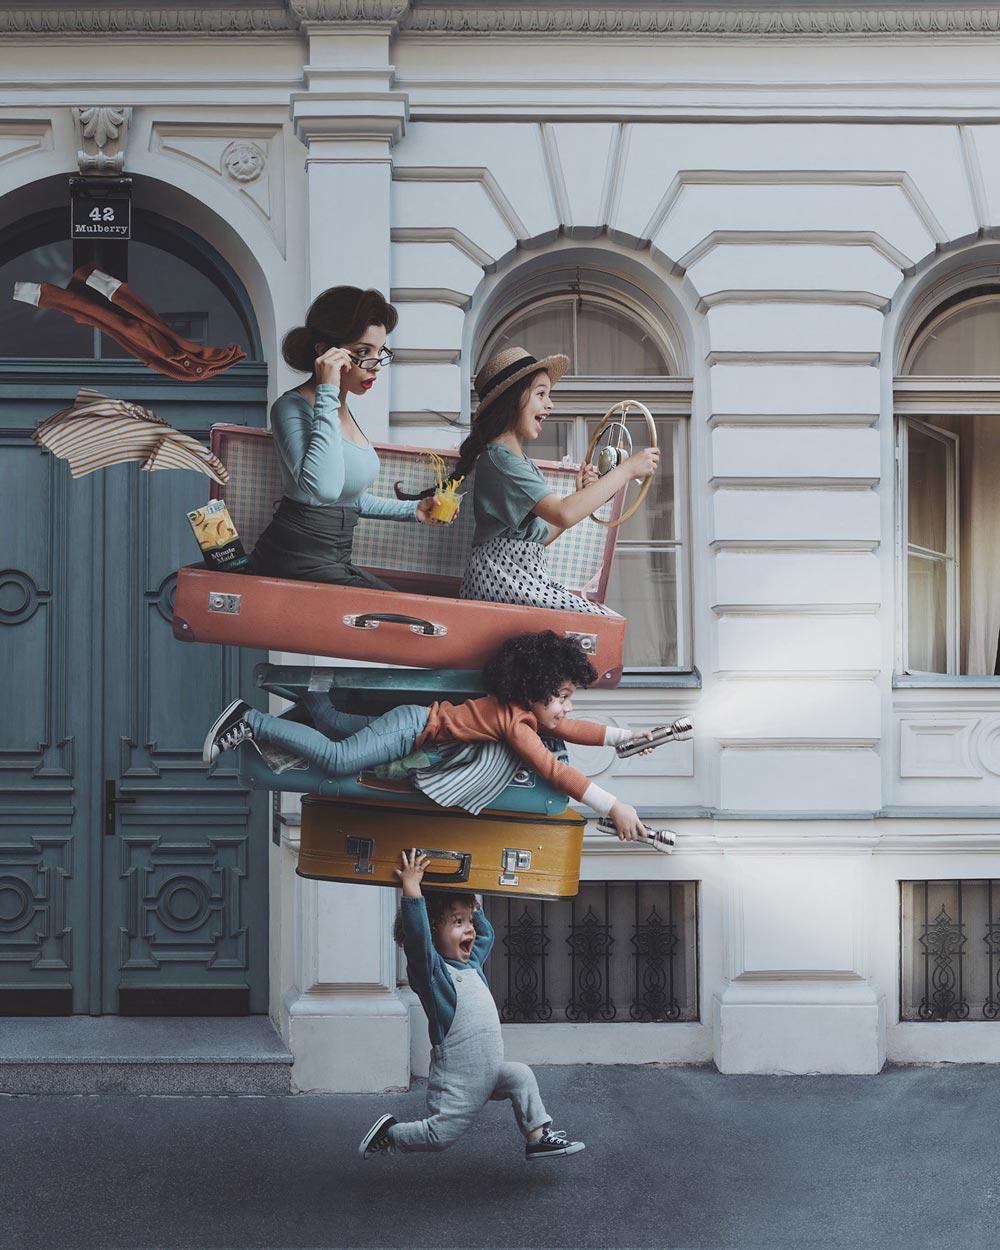 Vanessa Rivera 创意合成人像系列作品 时尚图库 第11张